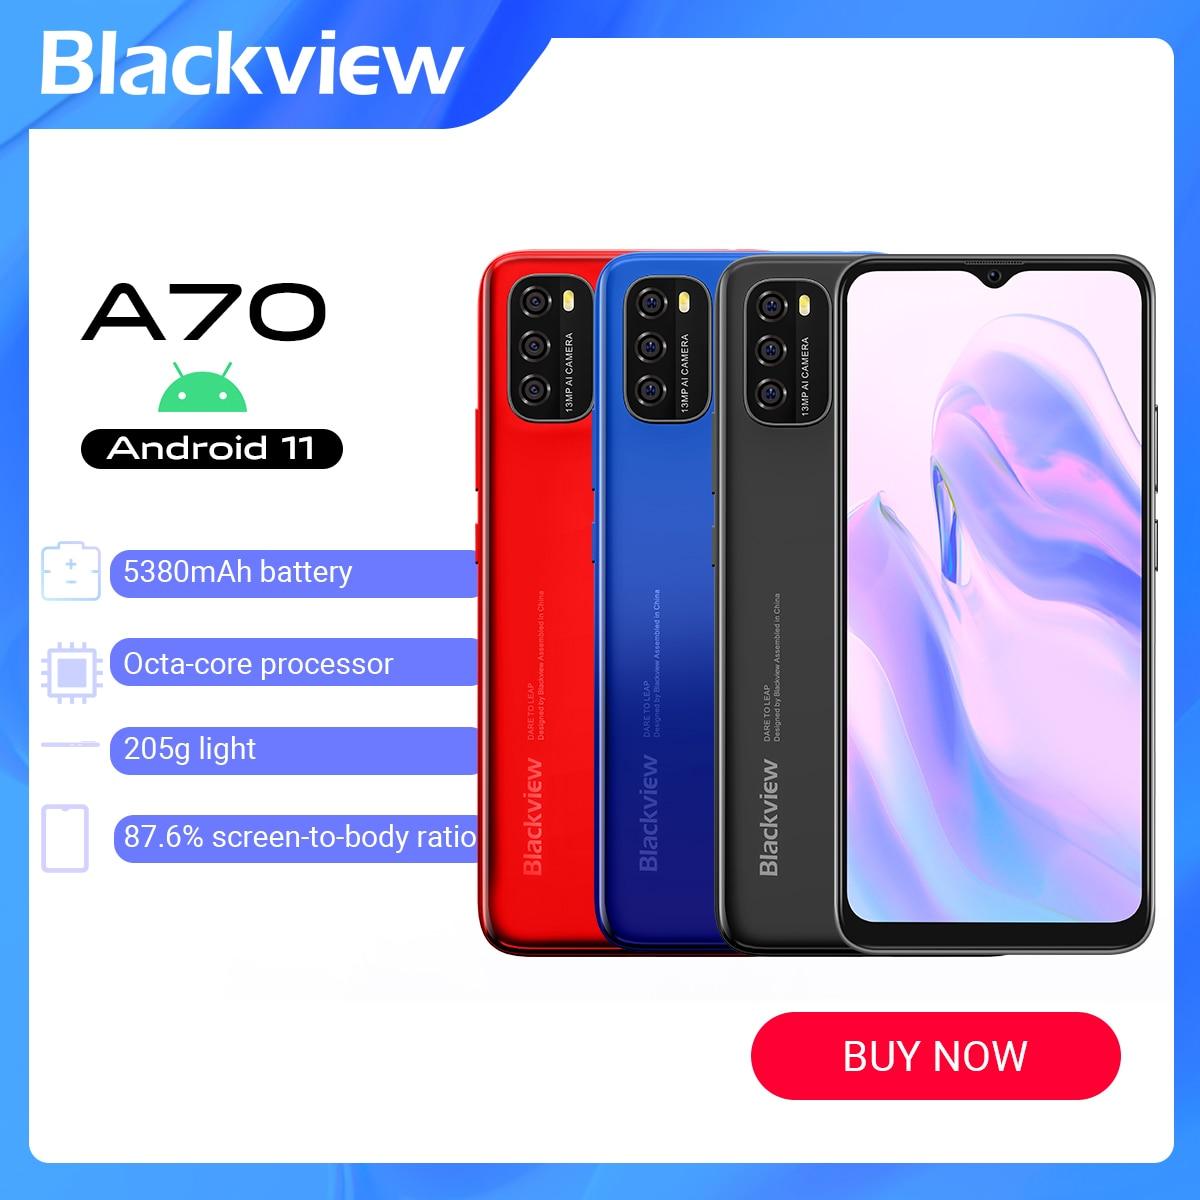 Blackview A70 Android 11 3 ГБ ОЗУ + 32 Гб ПЗУ 6,5 дюйма 4G мобильный телефон Восьмиядерный 13 МП камера заднего вида 5380 мАч GPS сканер отпечатков пальцев